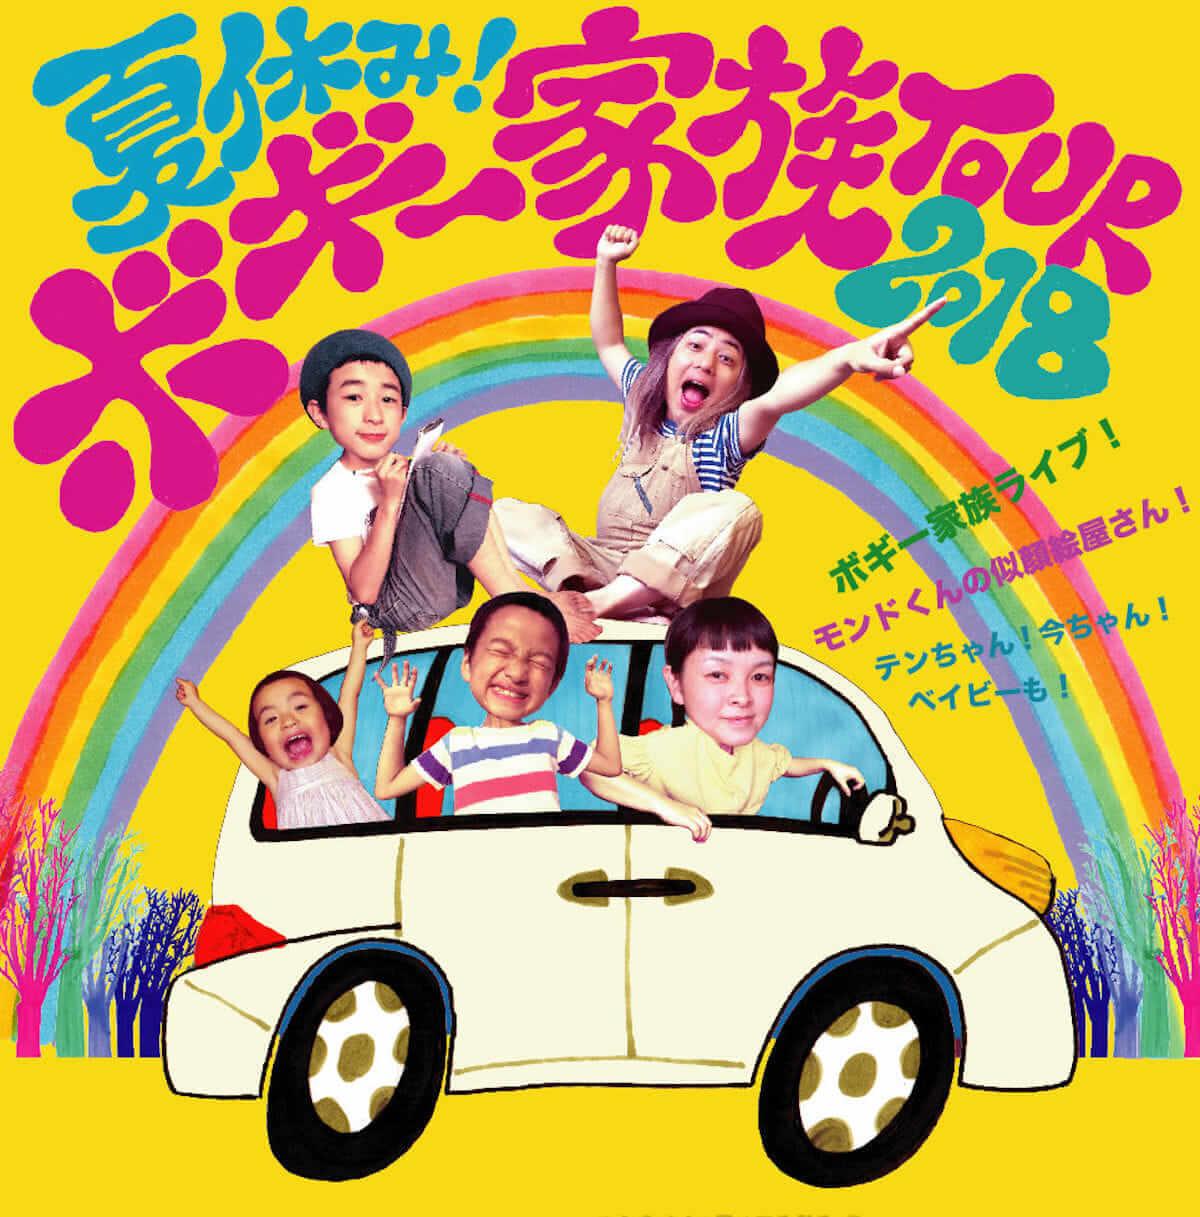 絵描きのモンドくんはじめグリコCM兄弟出演など話題の絶えないボギー家族が夏休み家族ツアーライブを東京青山で開催! bogggey-0808_1-1200x1217